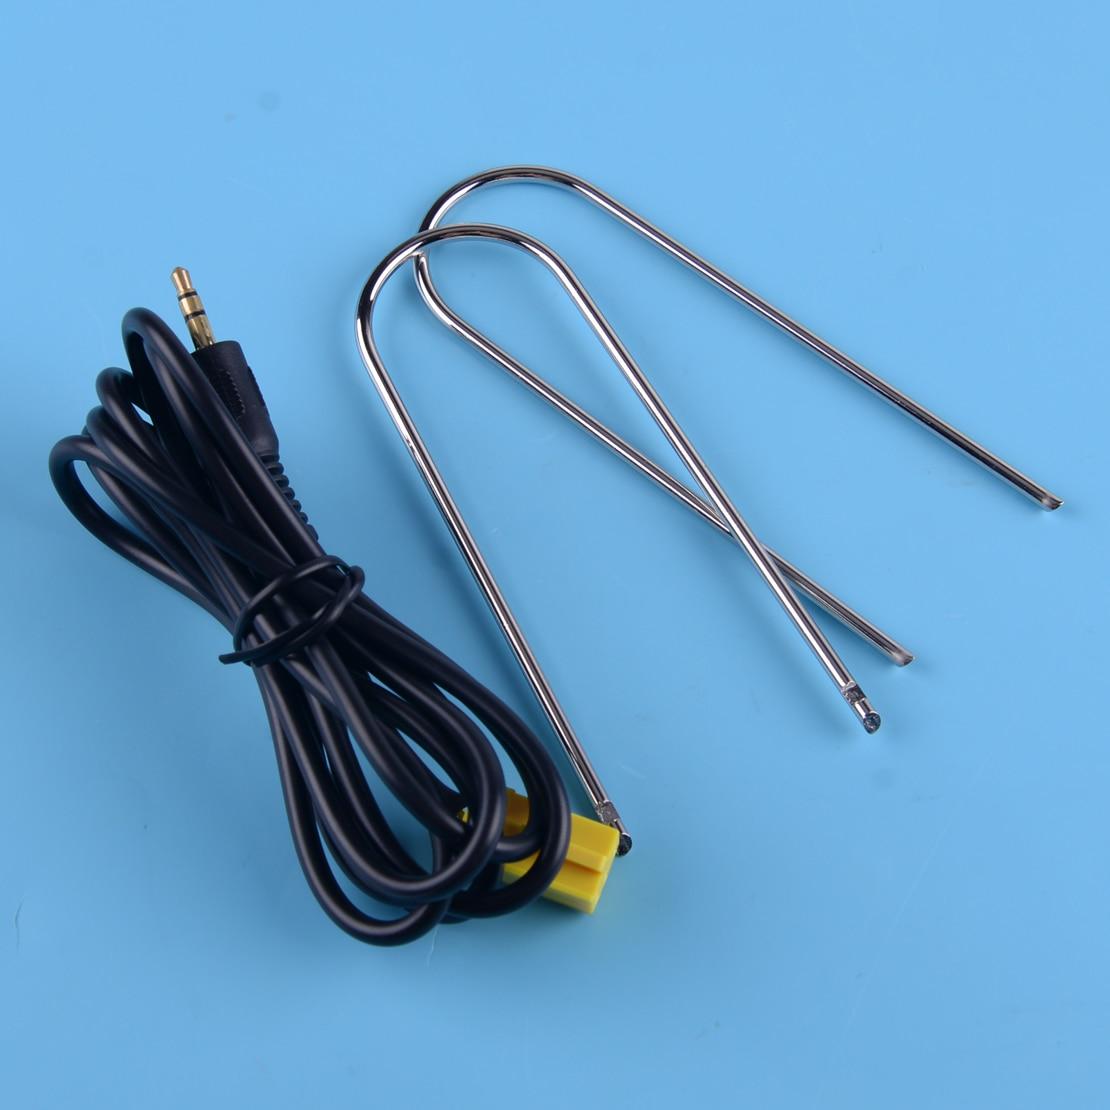 Адаптер входа AUX DWCX 3,5 мм, соединительный кабель для Fiat Grand Punto Alfa Romeo 159